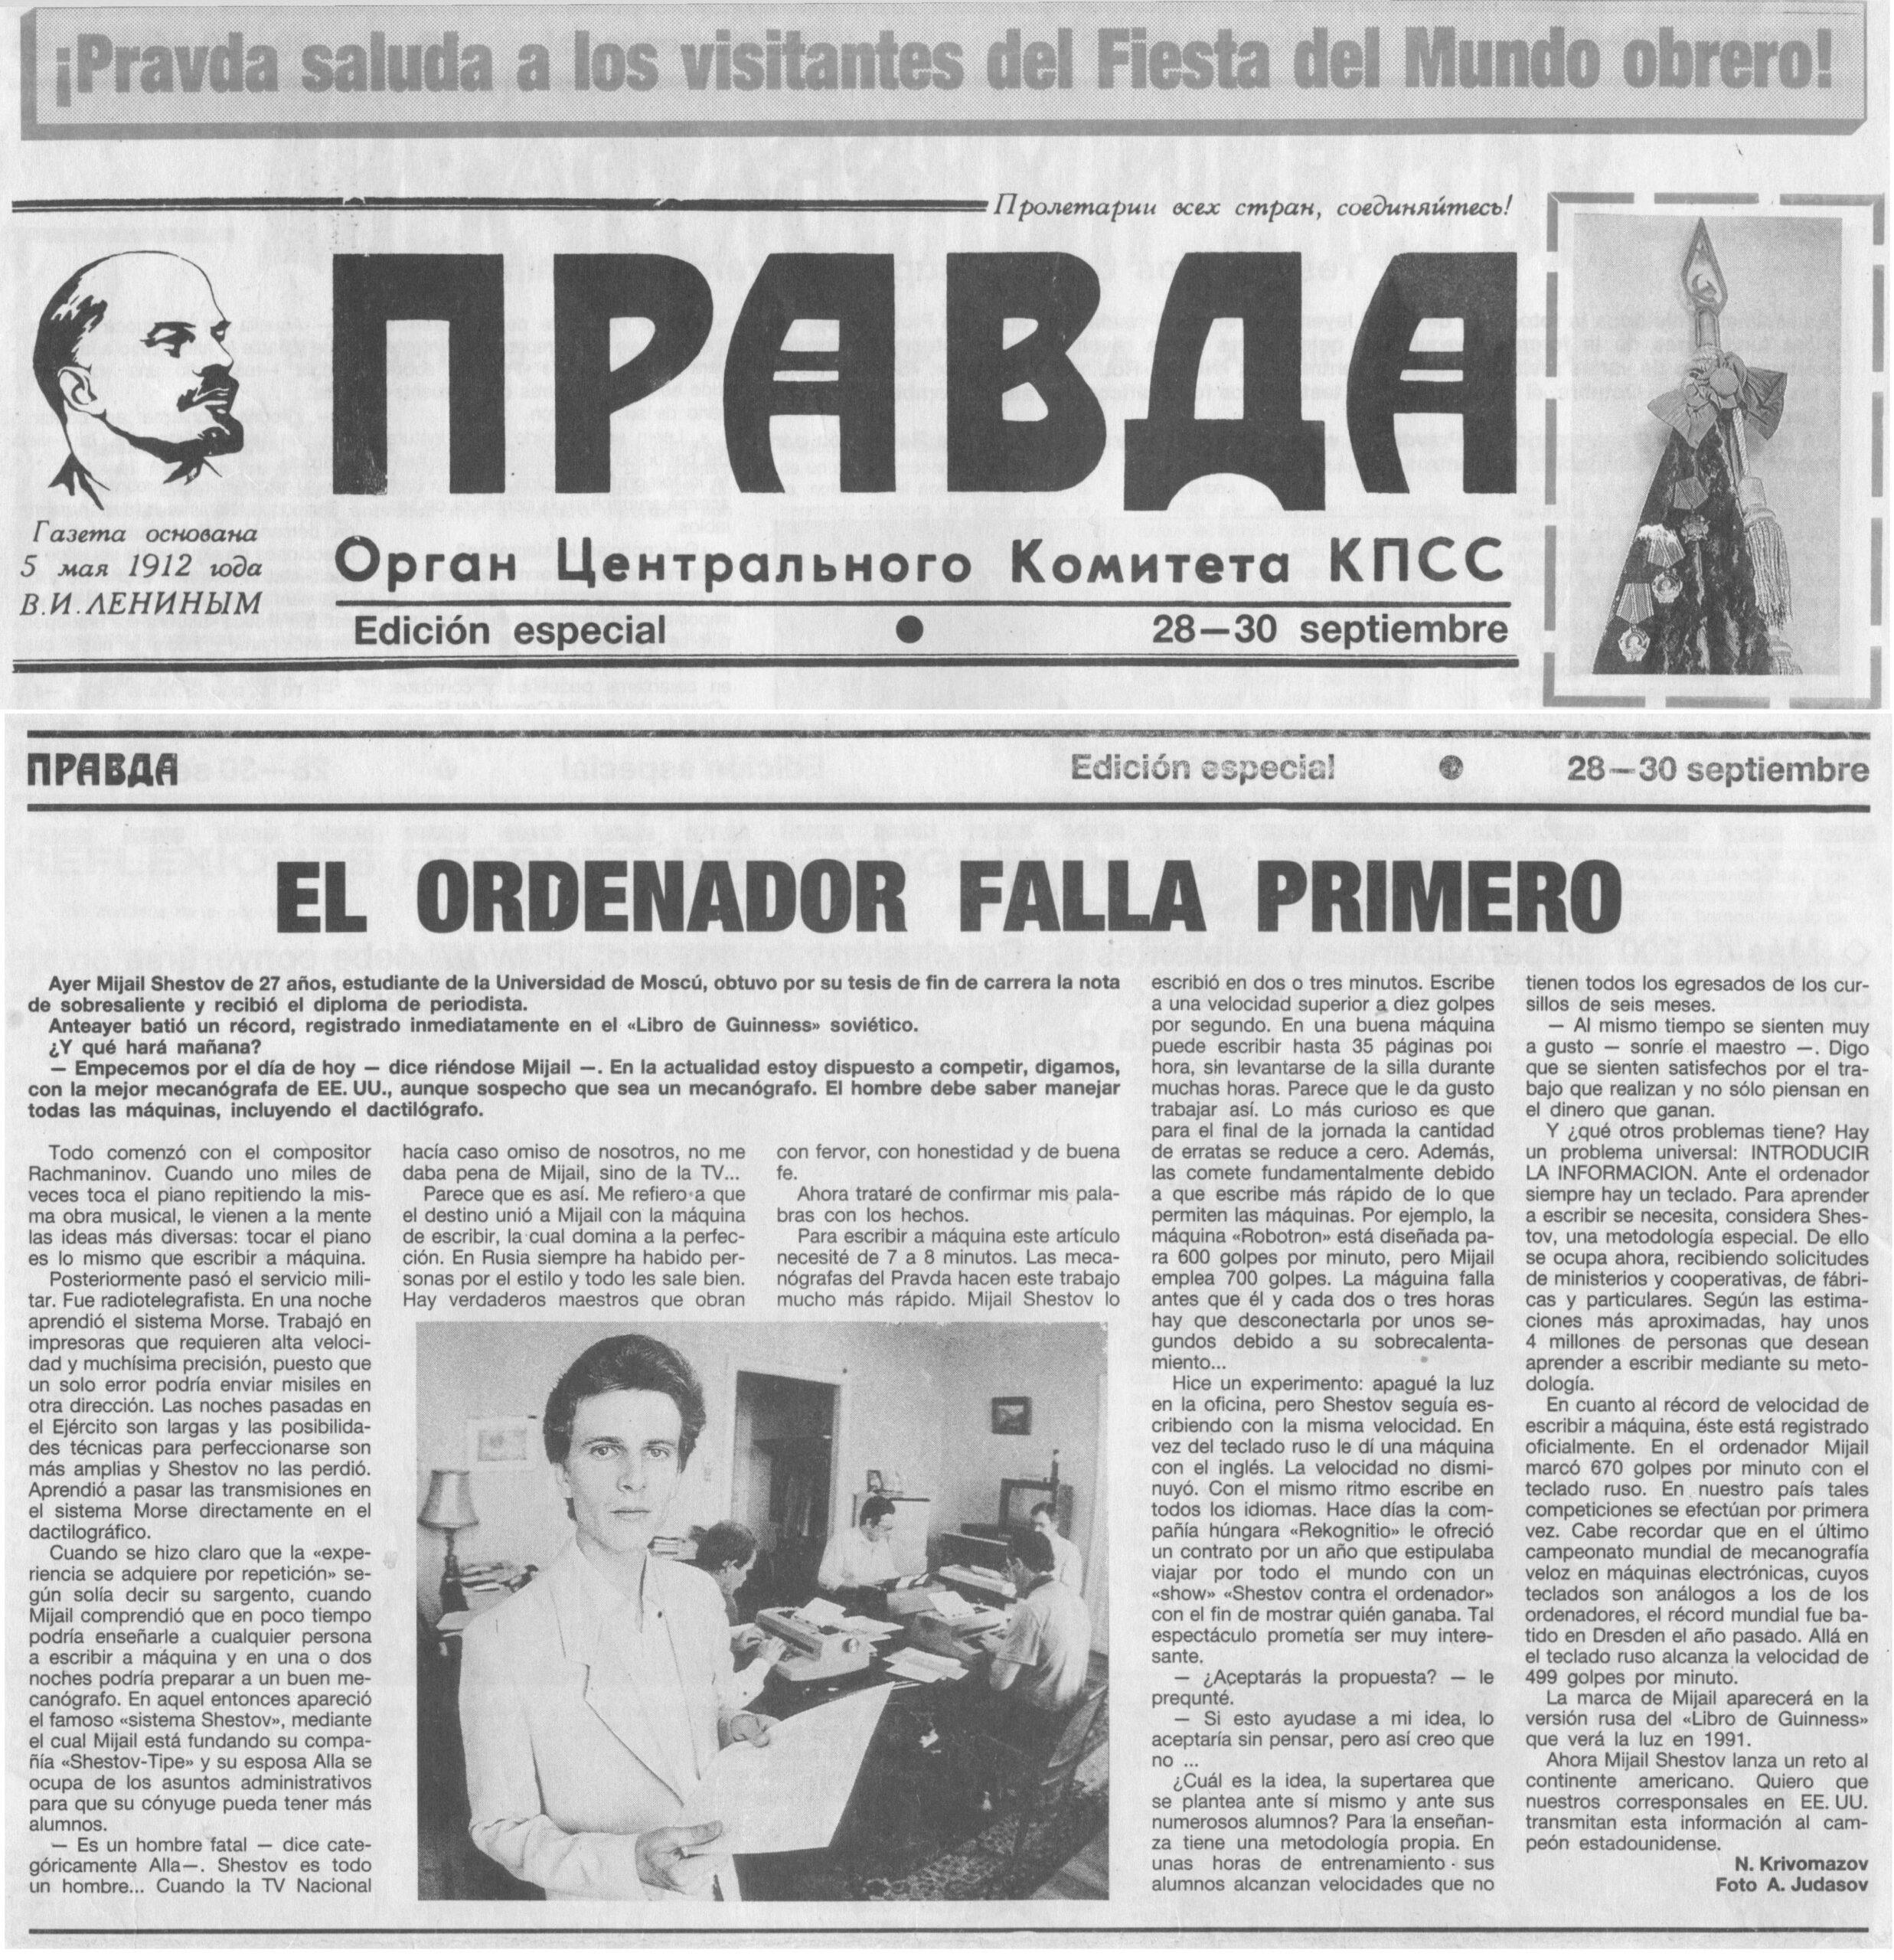 El Ordenador falla primero, 1993